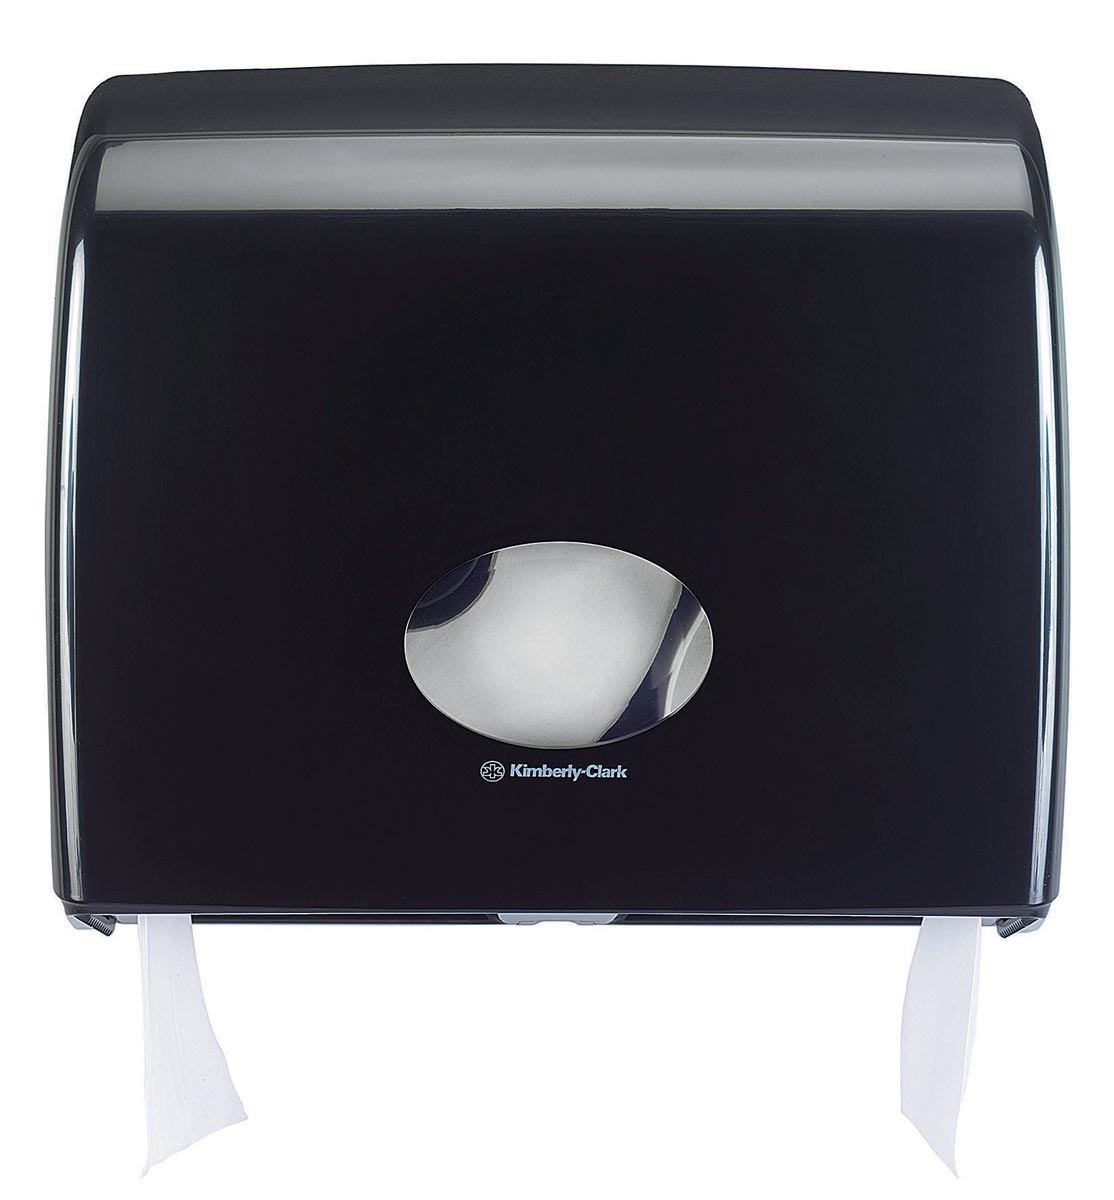 Kimberly Clark toiletpapierdispenser Aquarius Jumbo, zwart